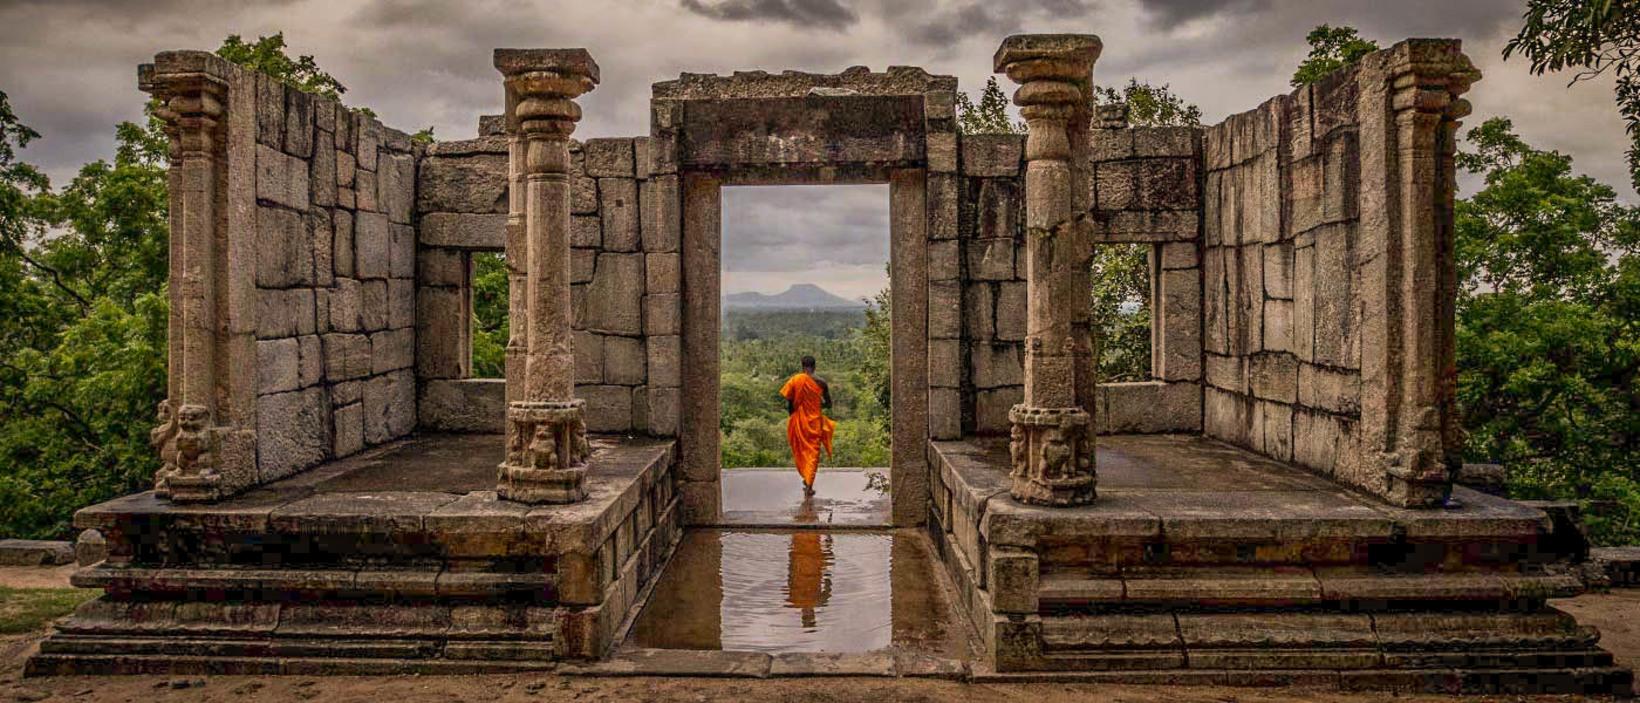 Yapahuwa, Sri Lanka